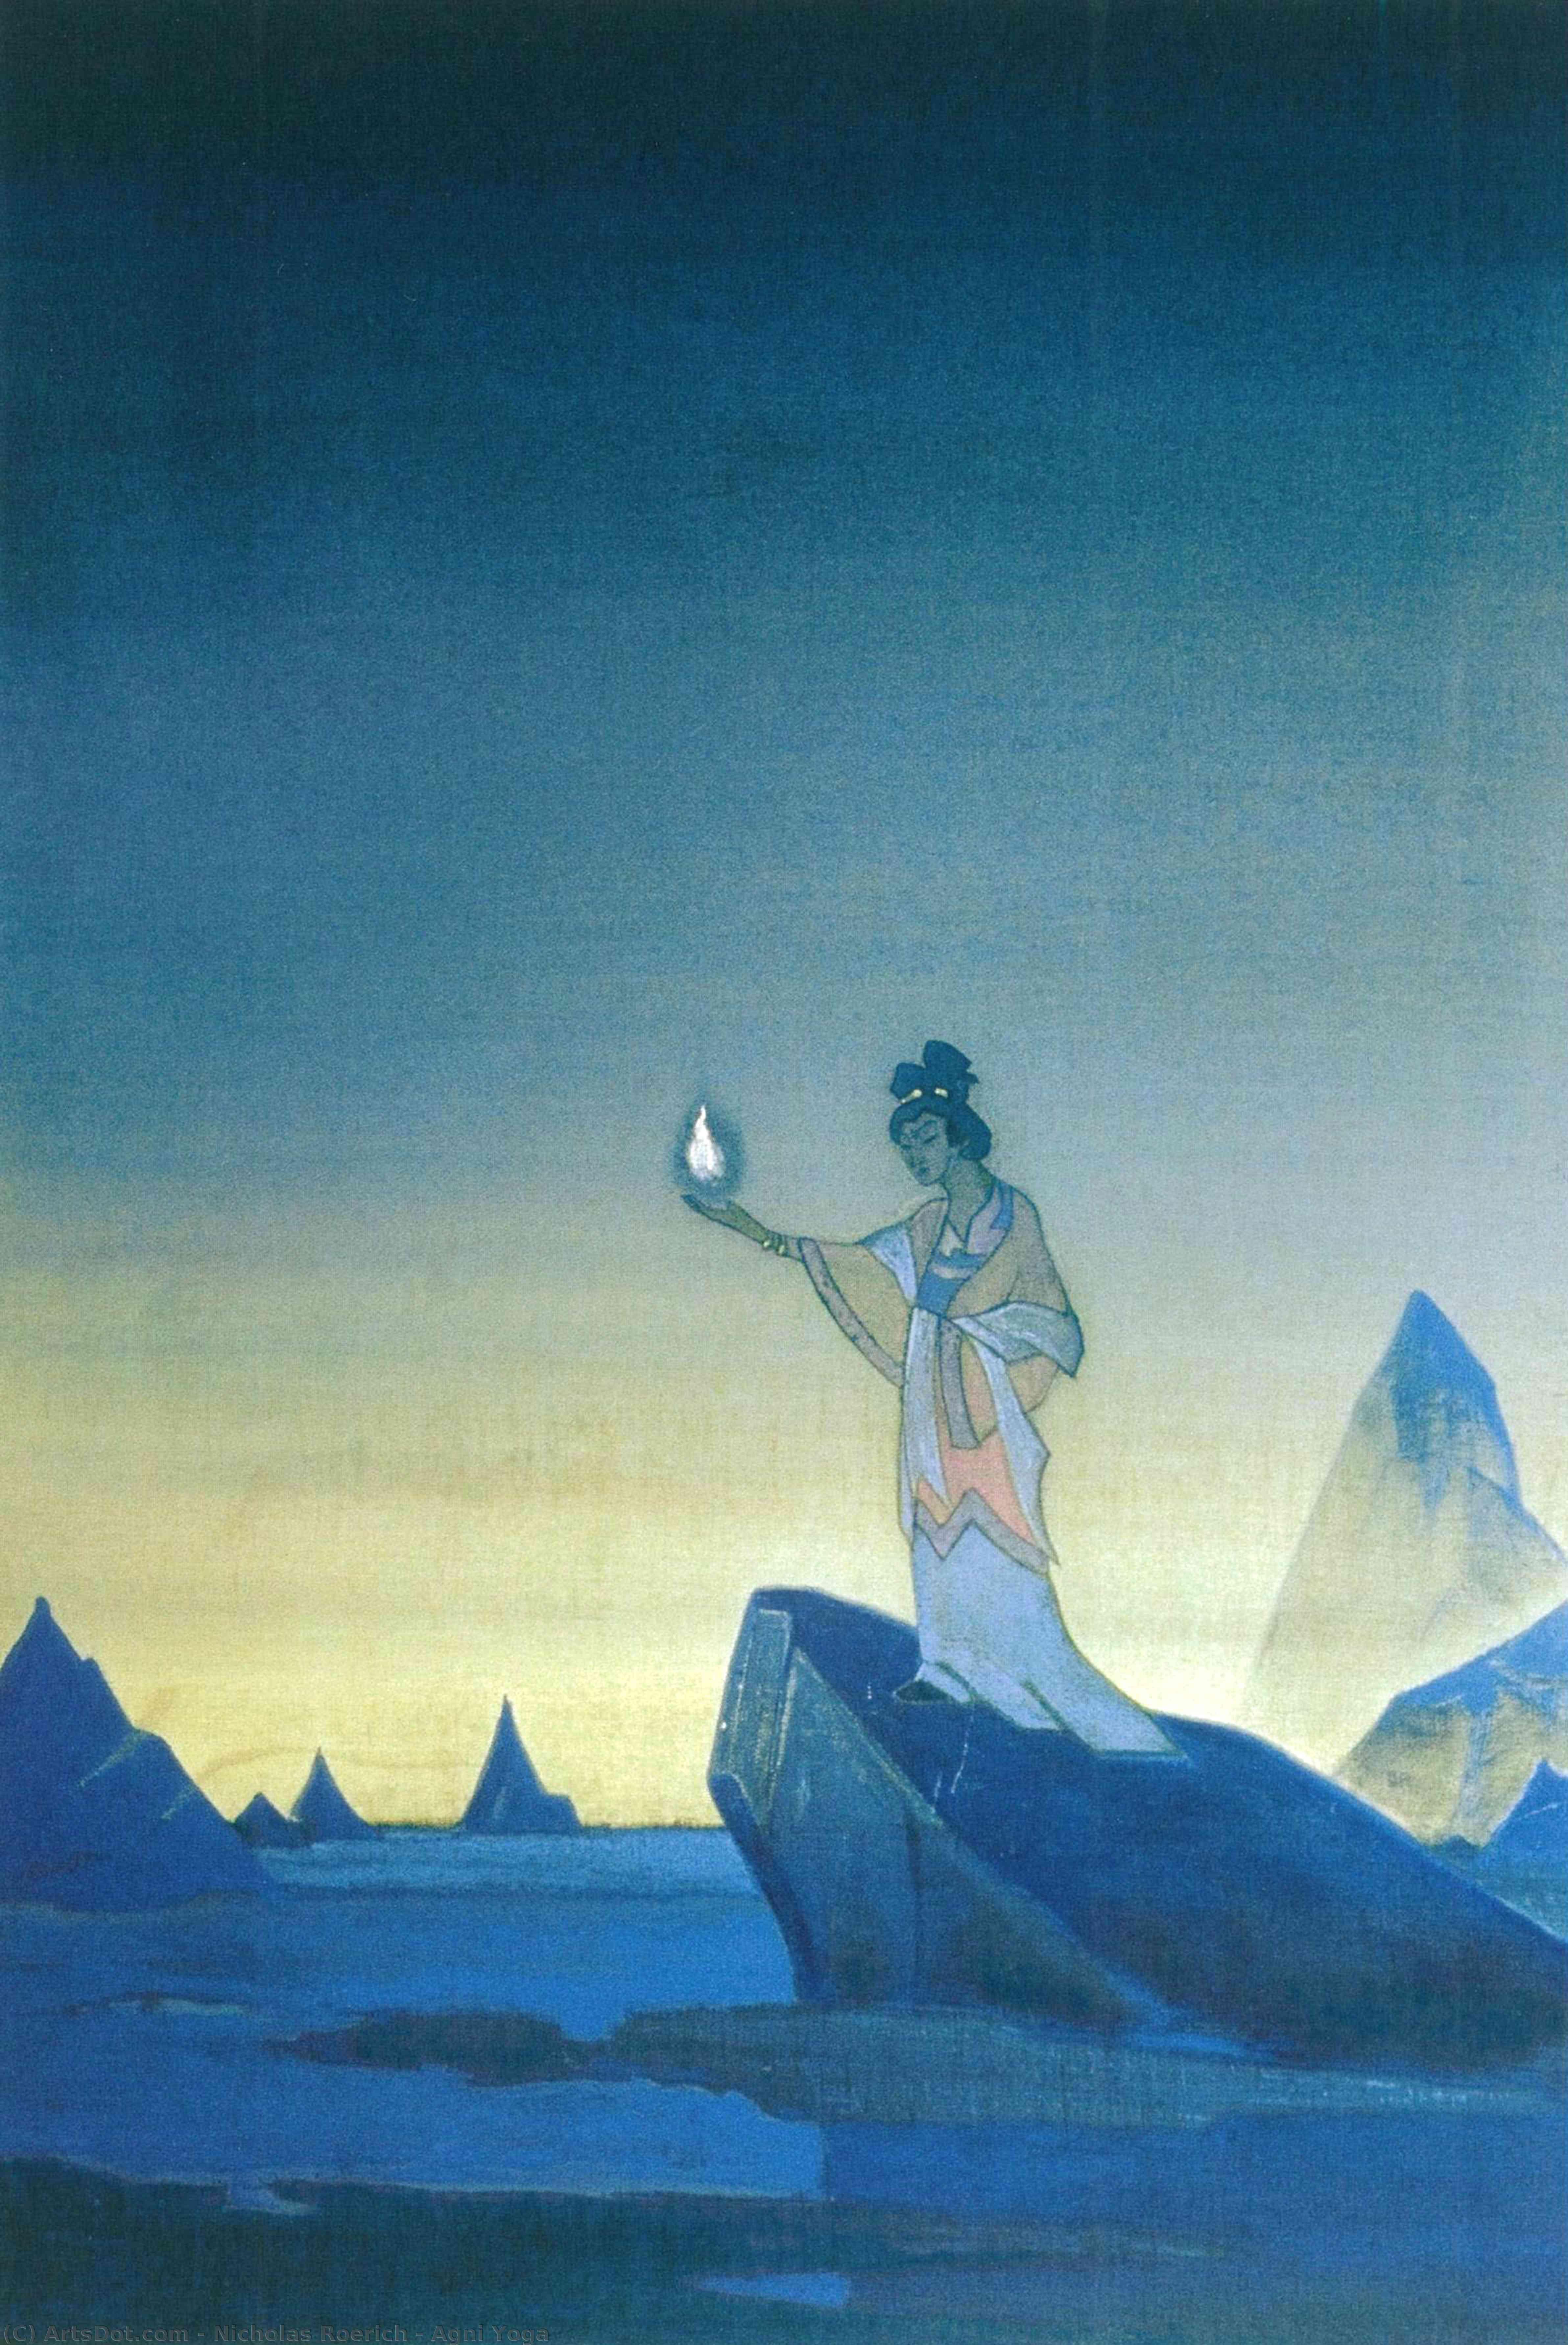 Wikoo.org - موسوعة الفنون الجميلة - اللوحة، العمل الفني Nicholas Roerich - Agni Yoga